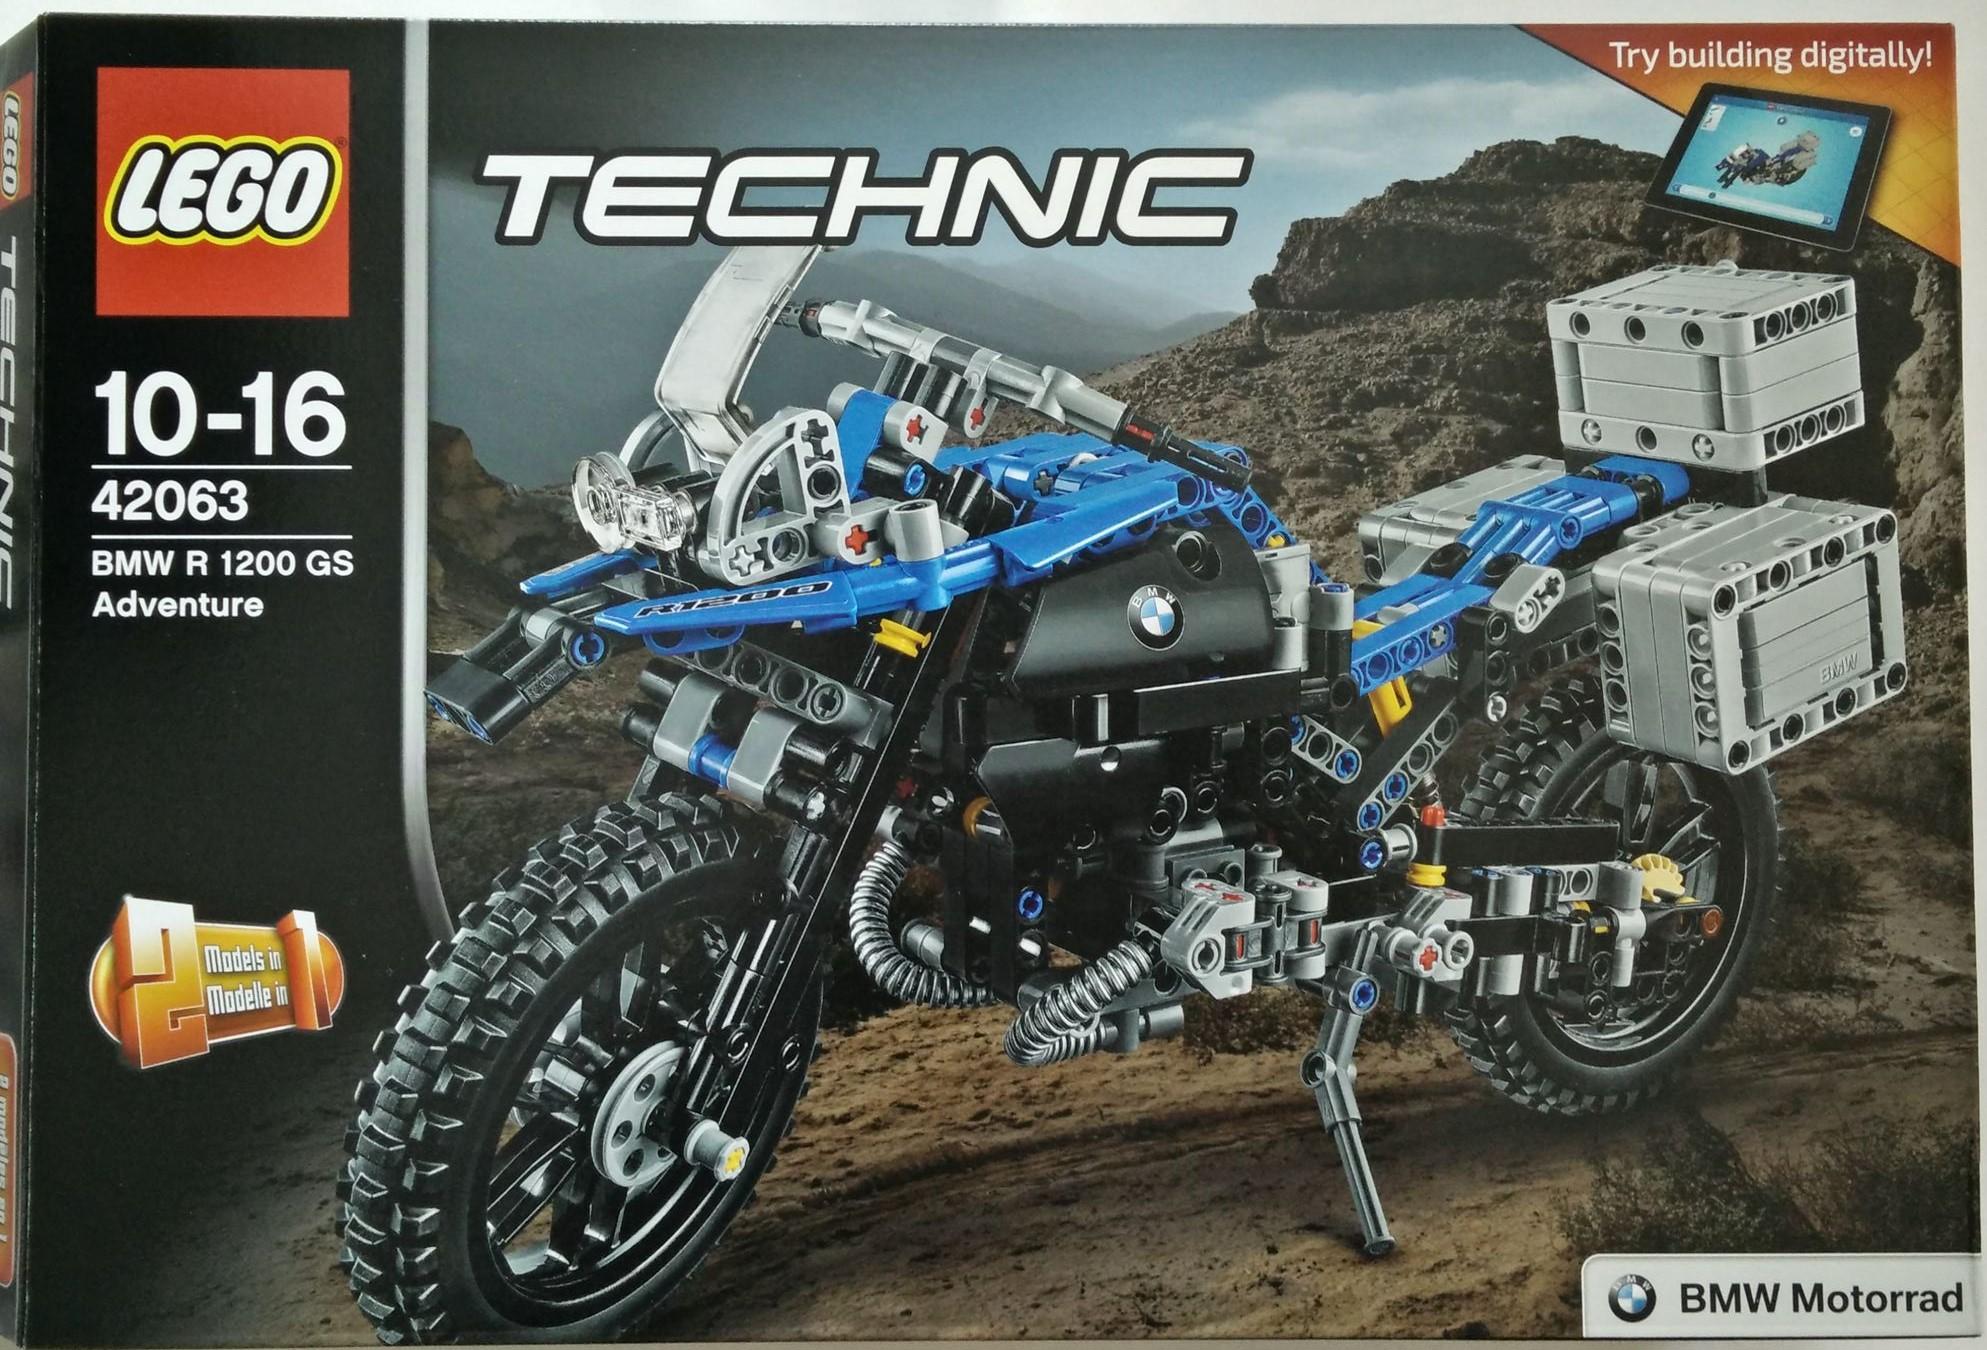 レゴ (LEGO)テクニック 「BMW R 1200 GS アドベンチャー (42063)」のレビュー